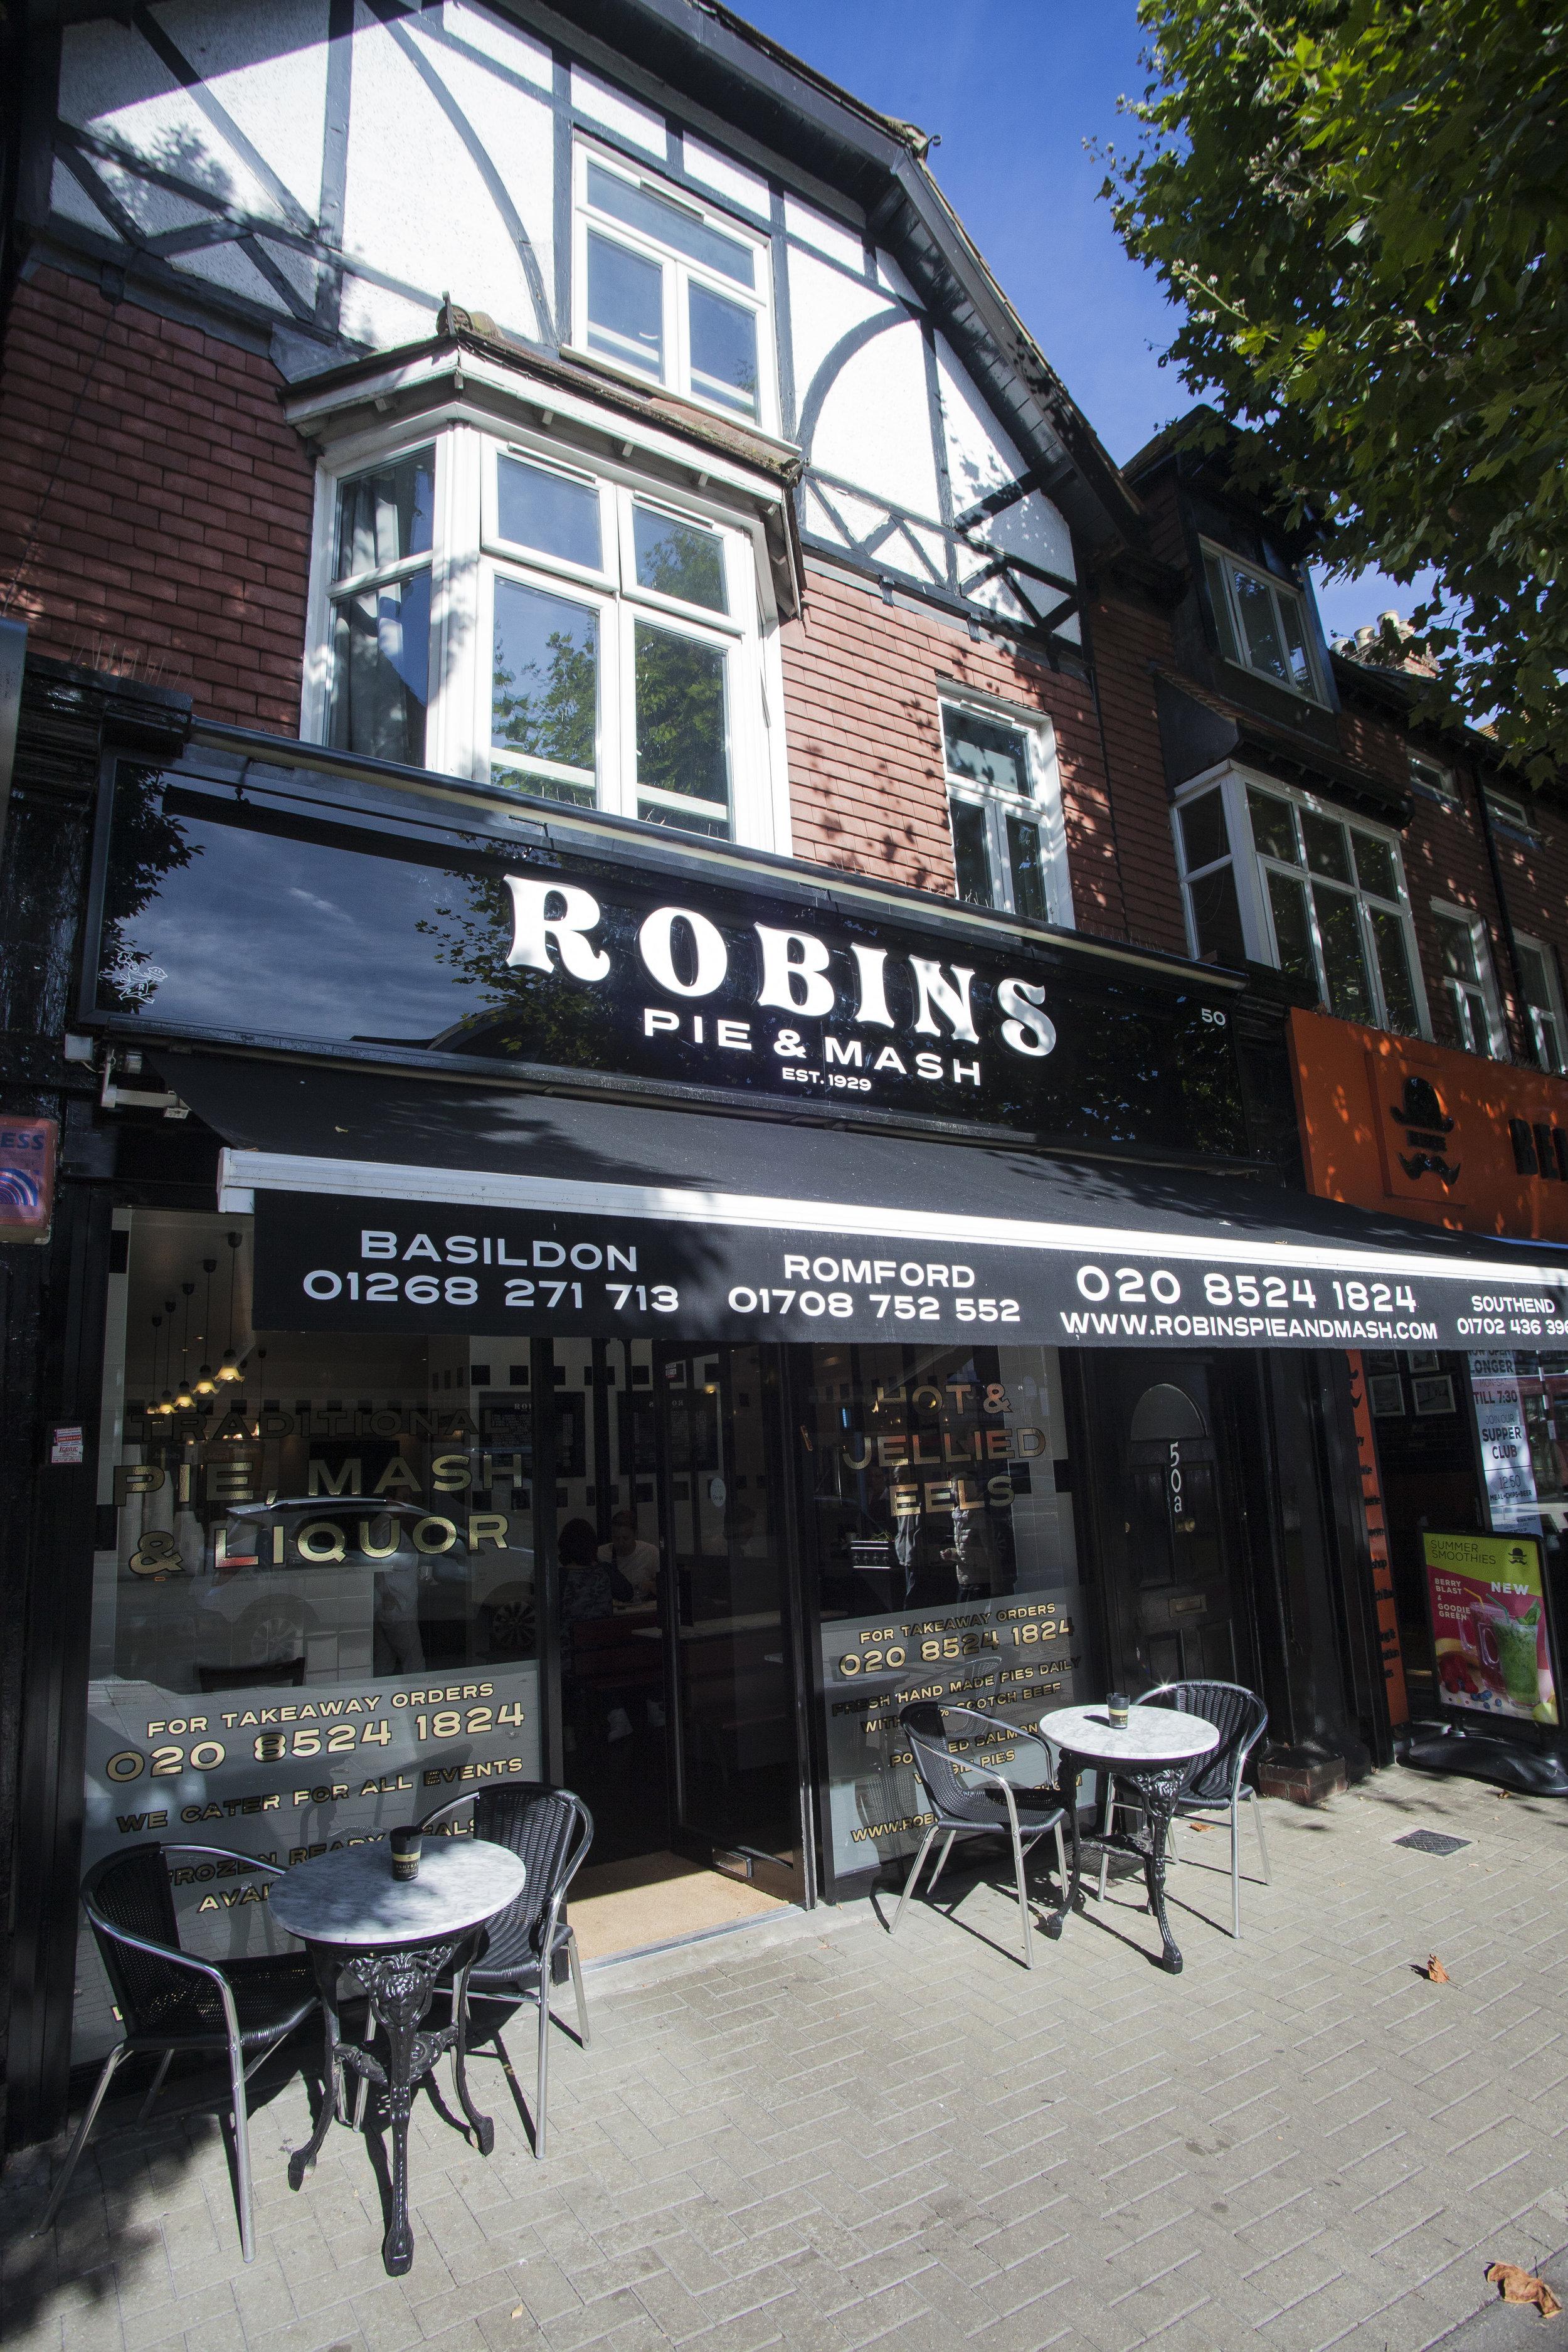 ROBINS_CHINGFORD_7.jpg